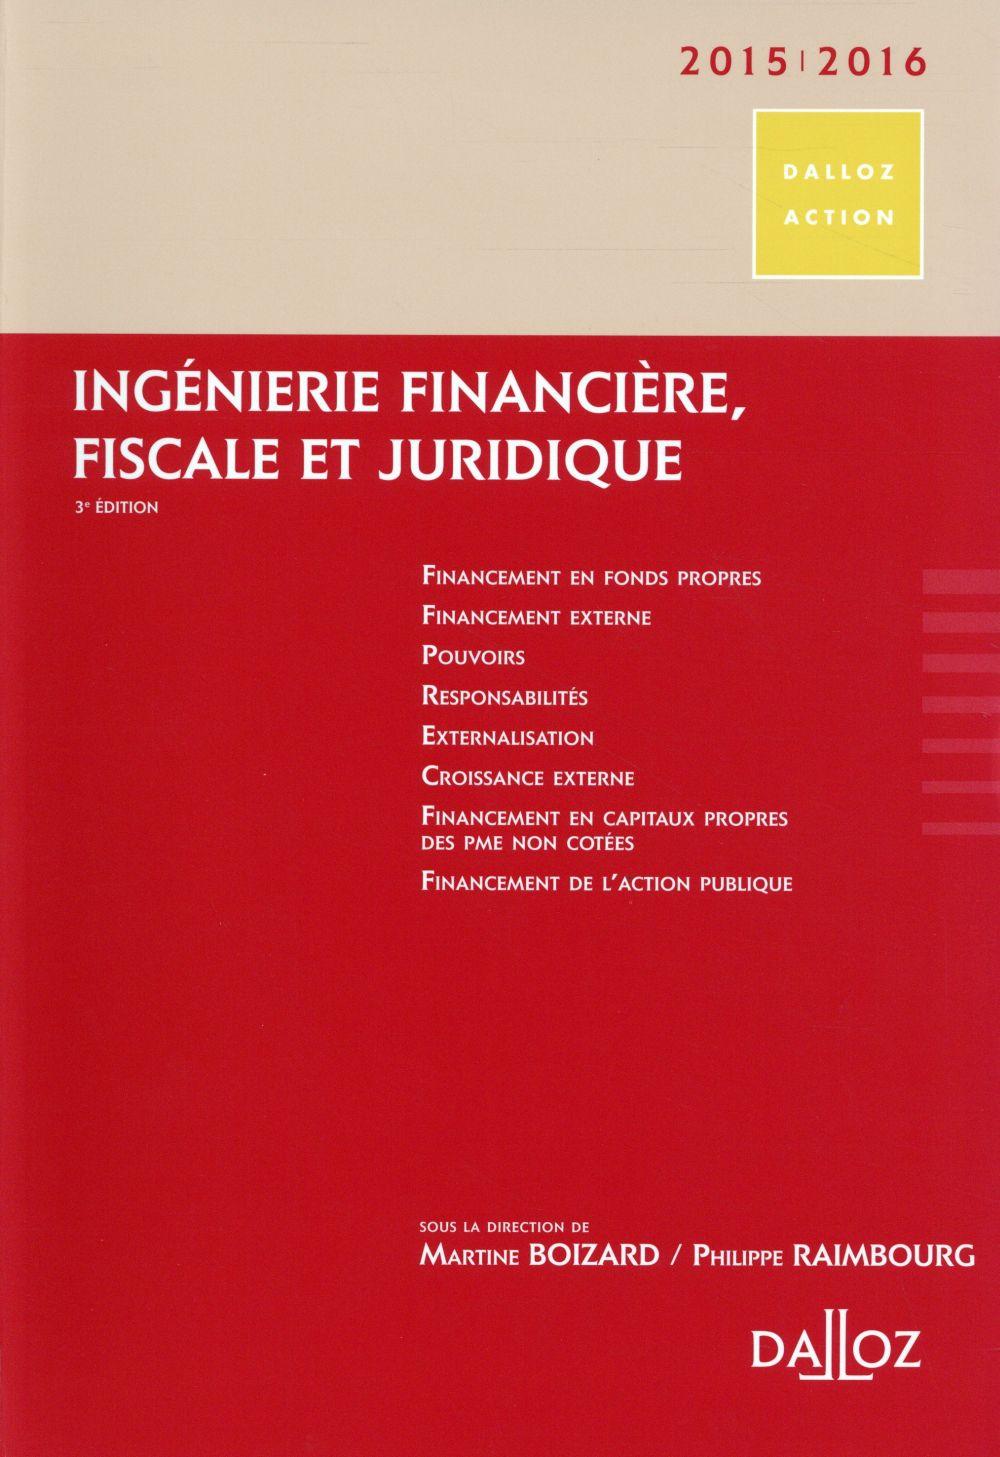 Ingénierie financière, fiscale et juridique (édition 2015/2016)